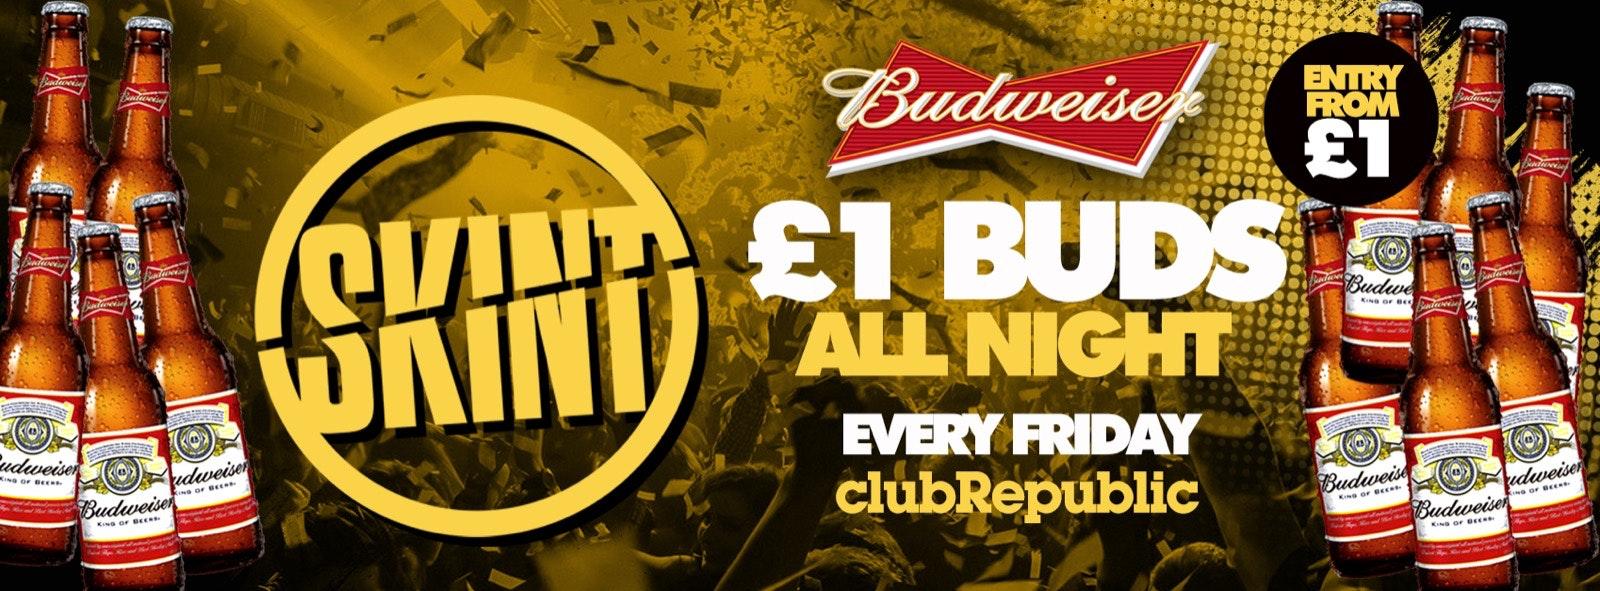 ★ Skint Fridays ★ £1 Budweiser's Allnight! ★ Club Republic ★ £1 Tickets On Sale!